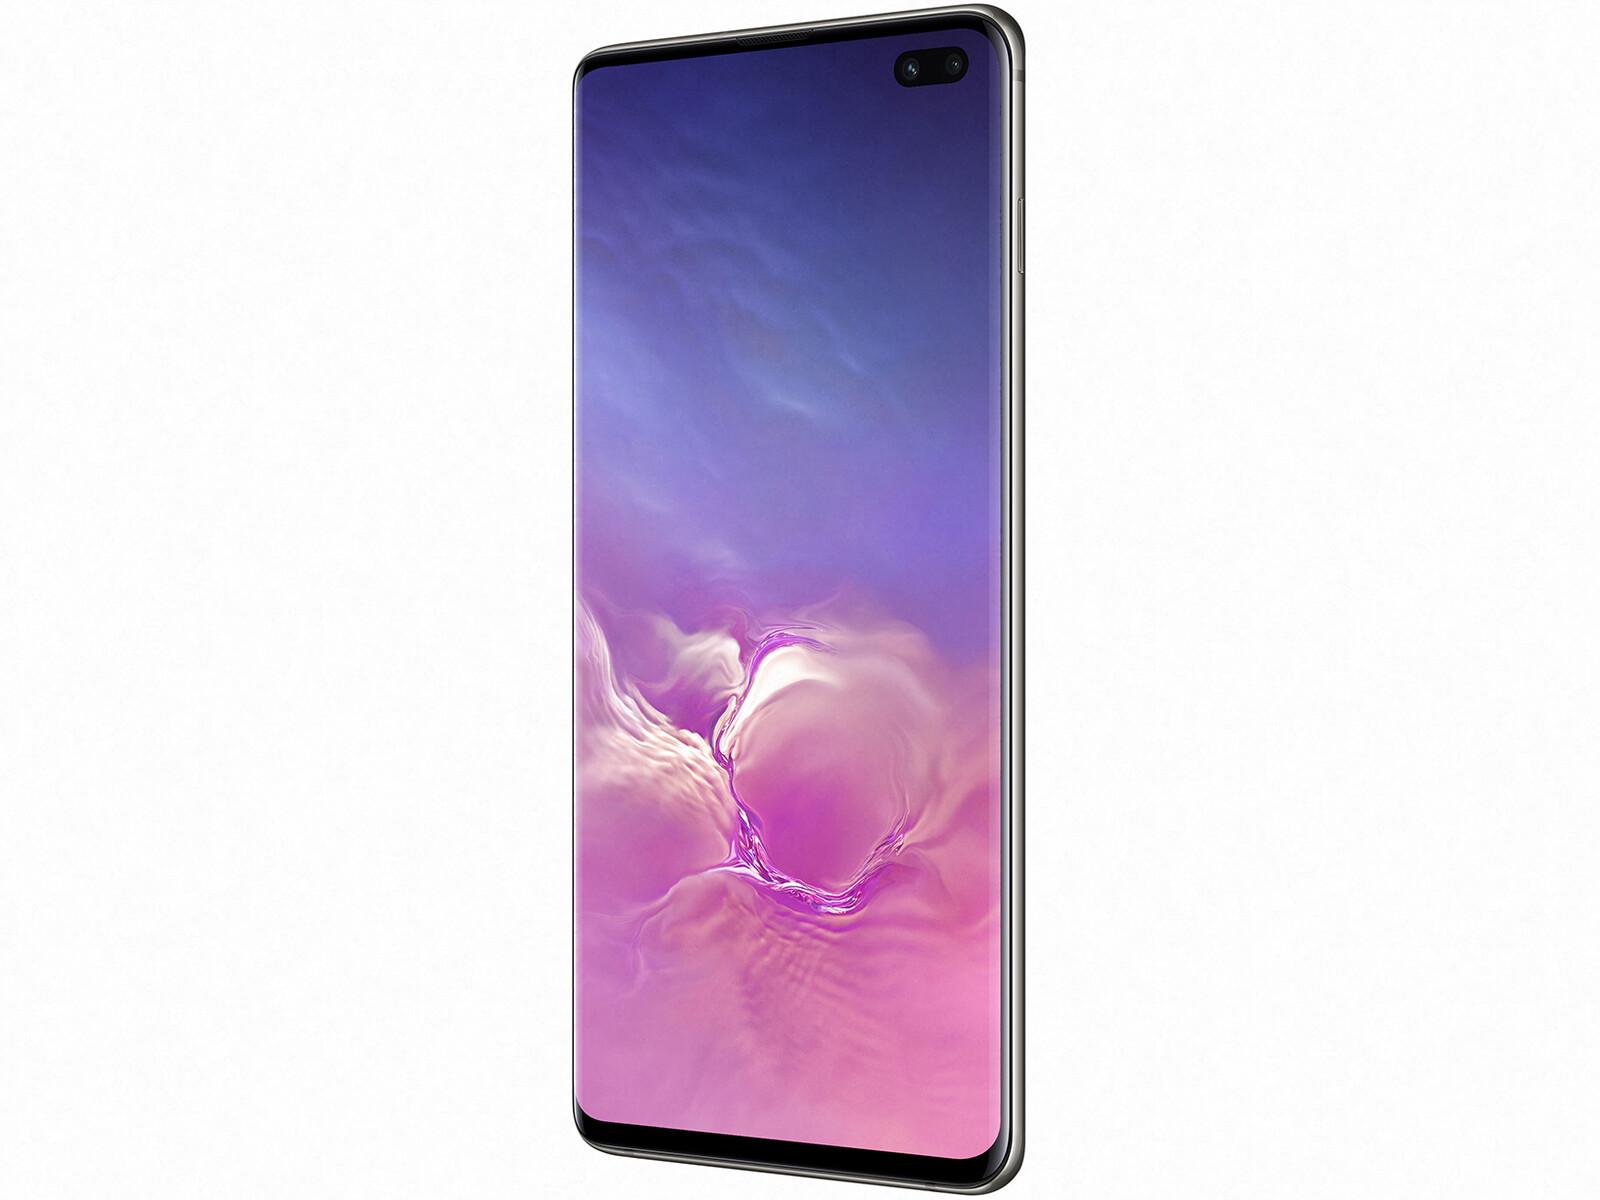 Samsung Galaxy S10 Plus - Notebookcheck net External Reviews